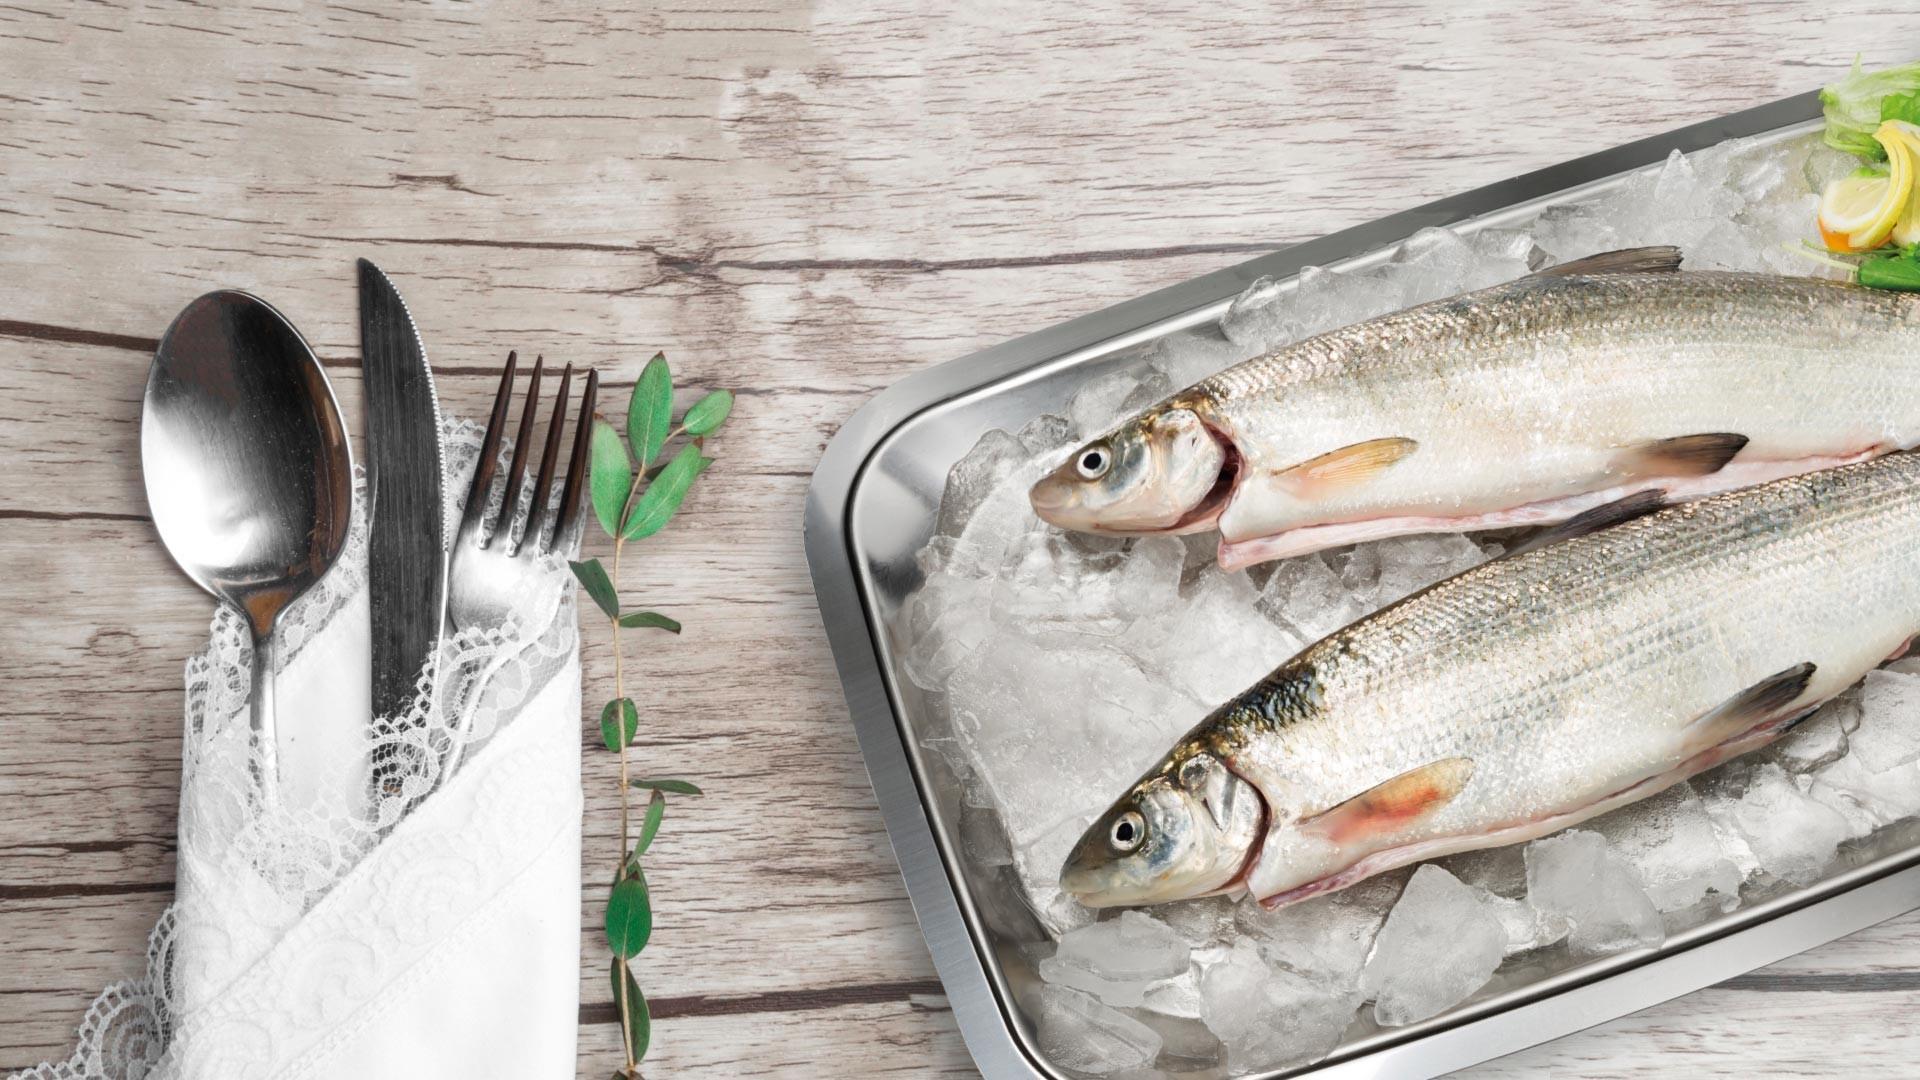 Kotimainen luonnonkala siika   Kauden kala   Hätälä